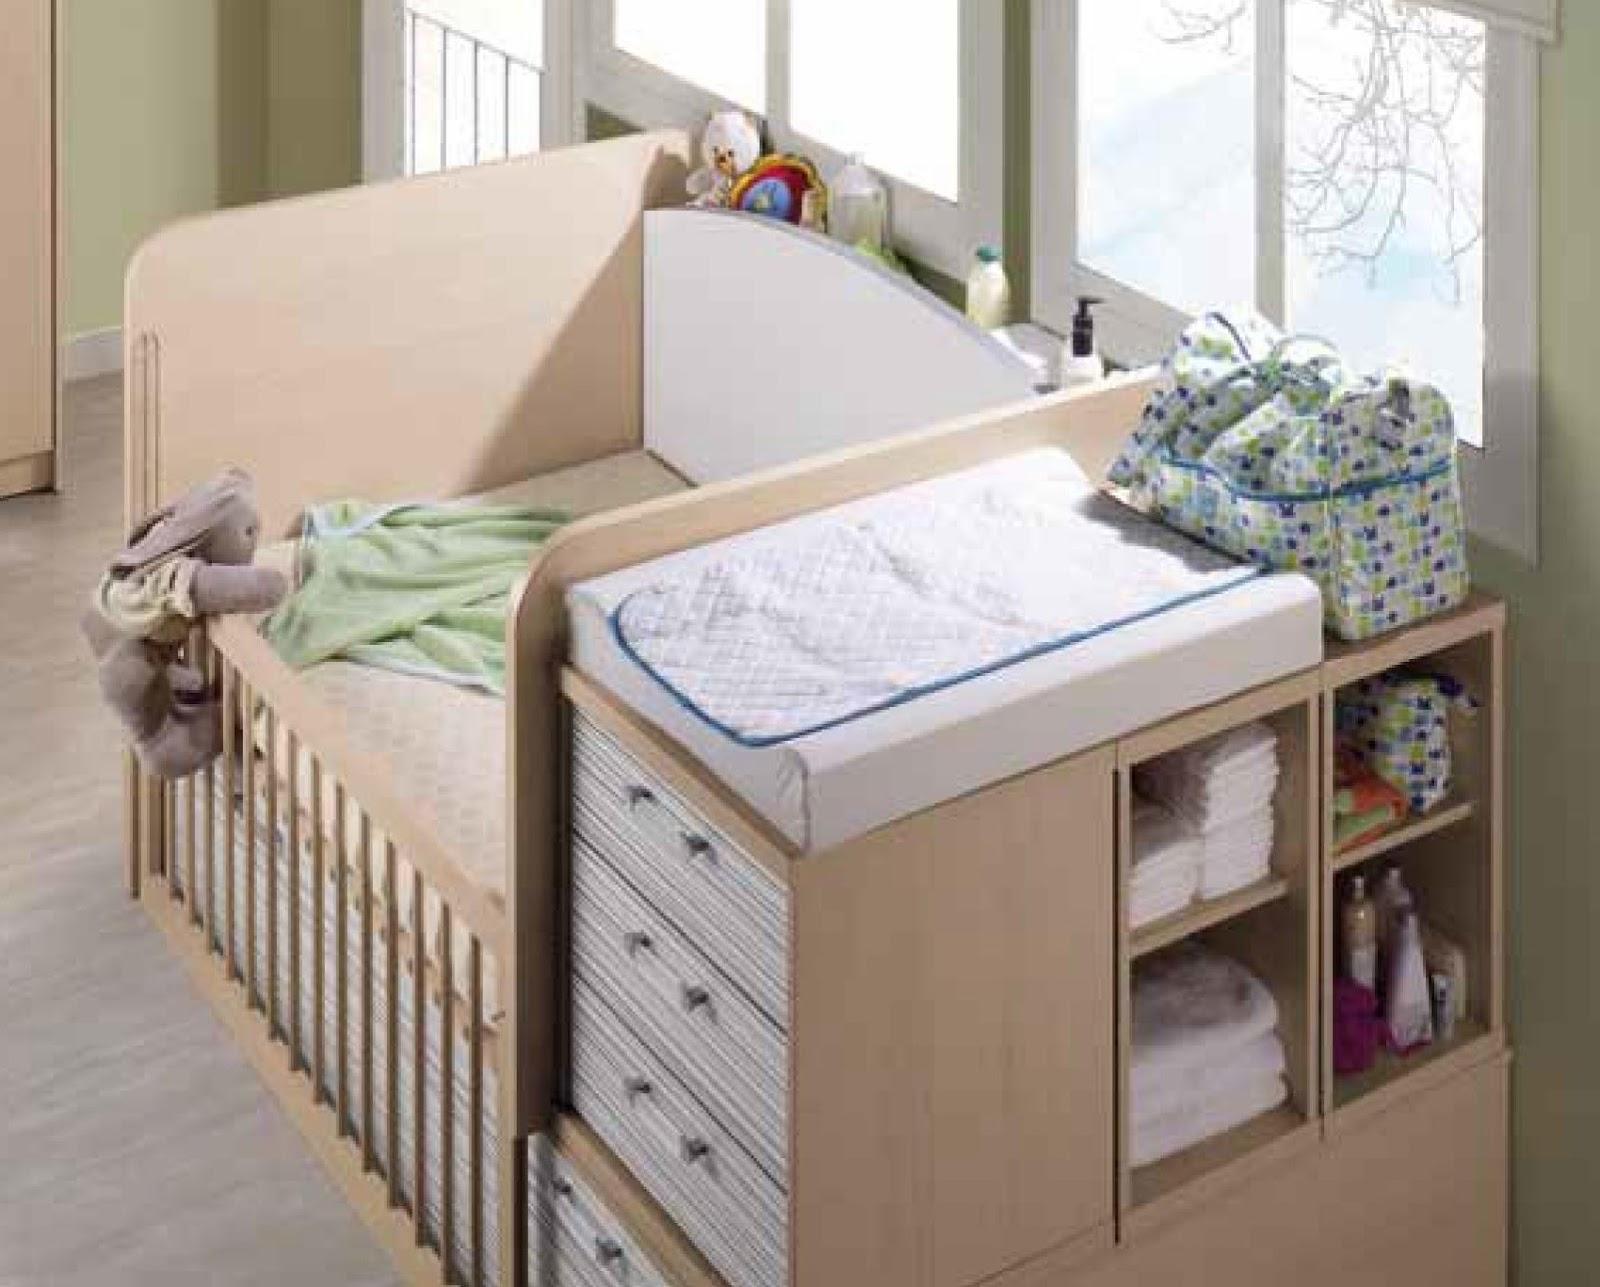 Cunas Modernas Para Bebes. Cunas Blancas Para Bebes Nias With Cunas ...